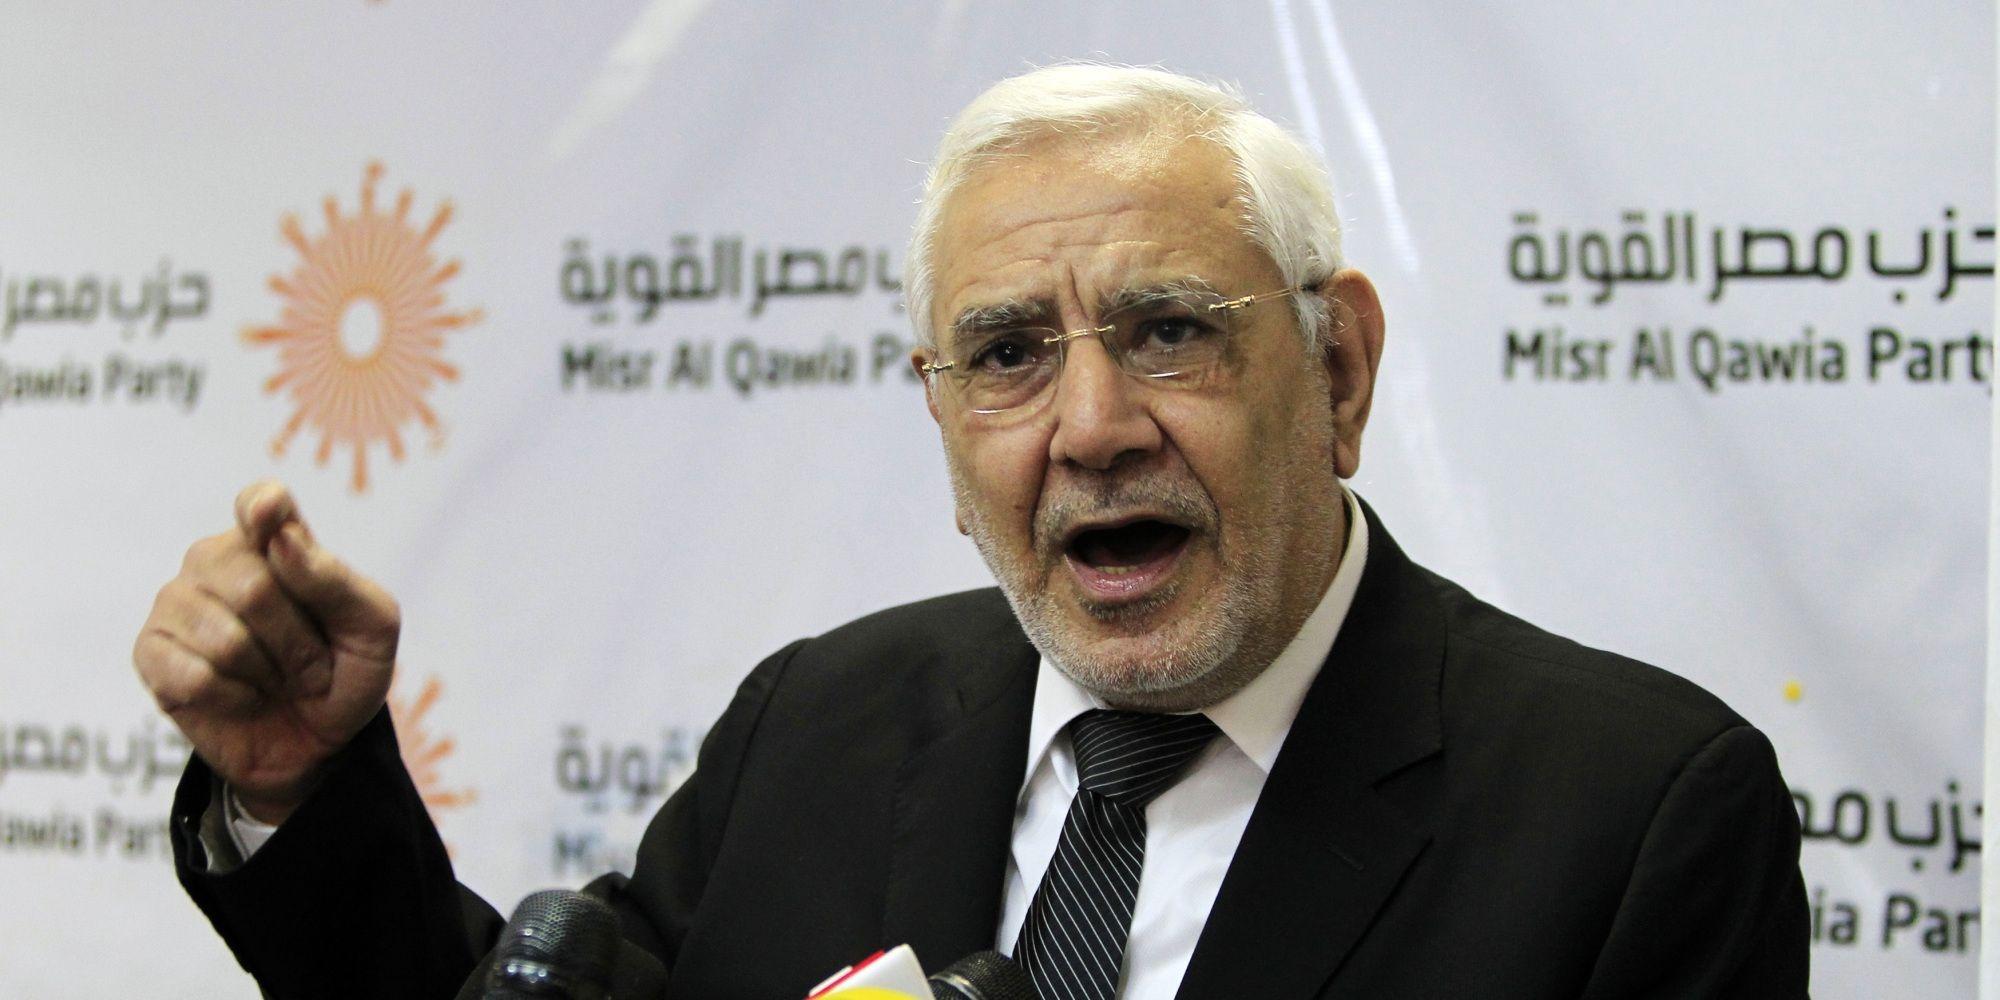 المحكمة الإدارية العليا ترفض حل حزب مصر القوية